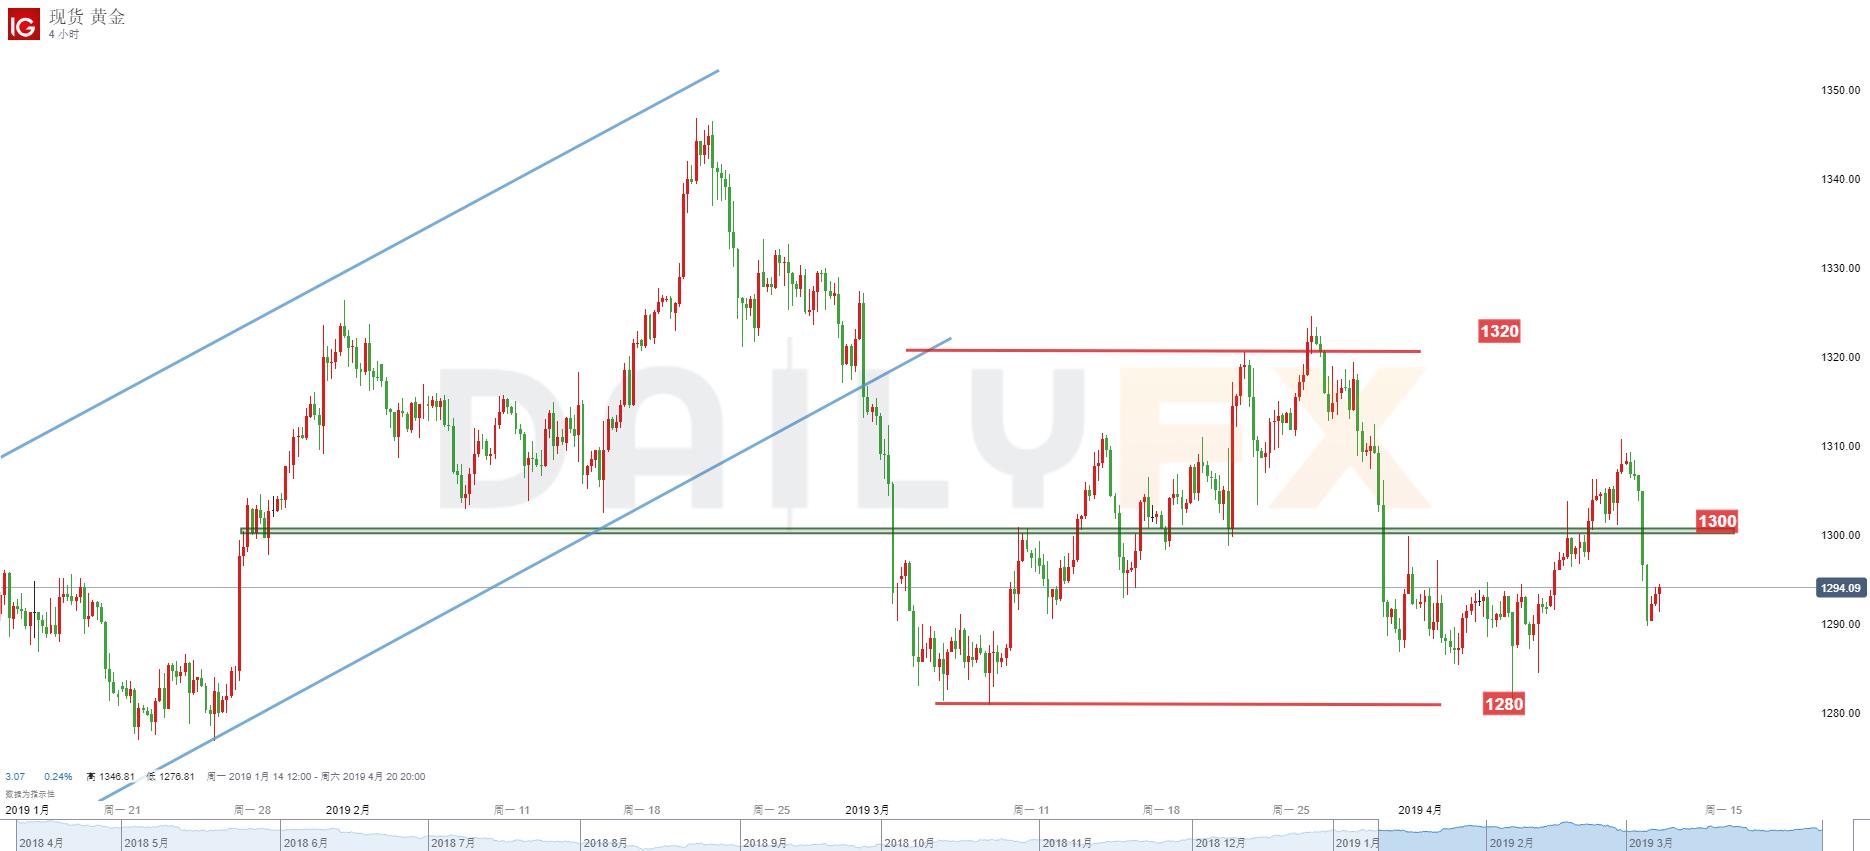 黃金/美元技術分析:1300再次成為阻力,宜關注1290-1300區域